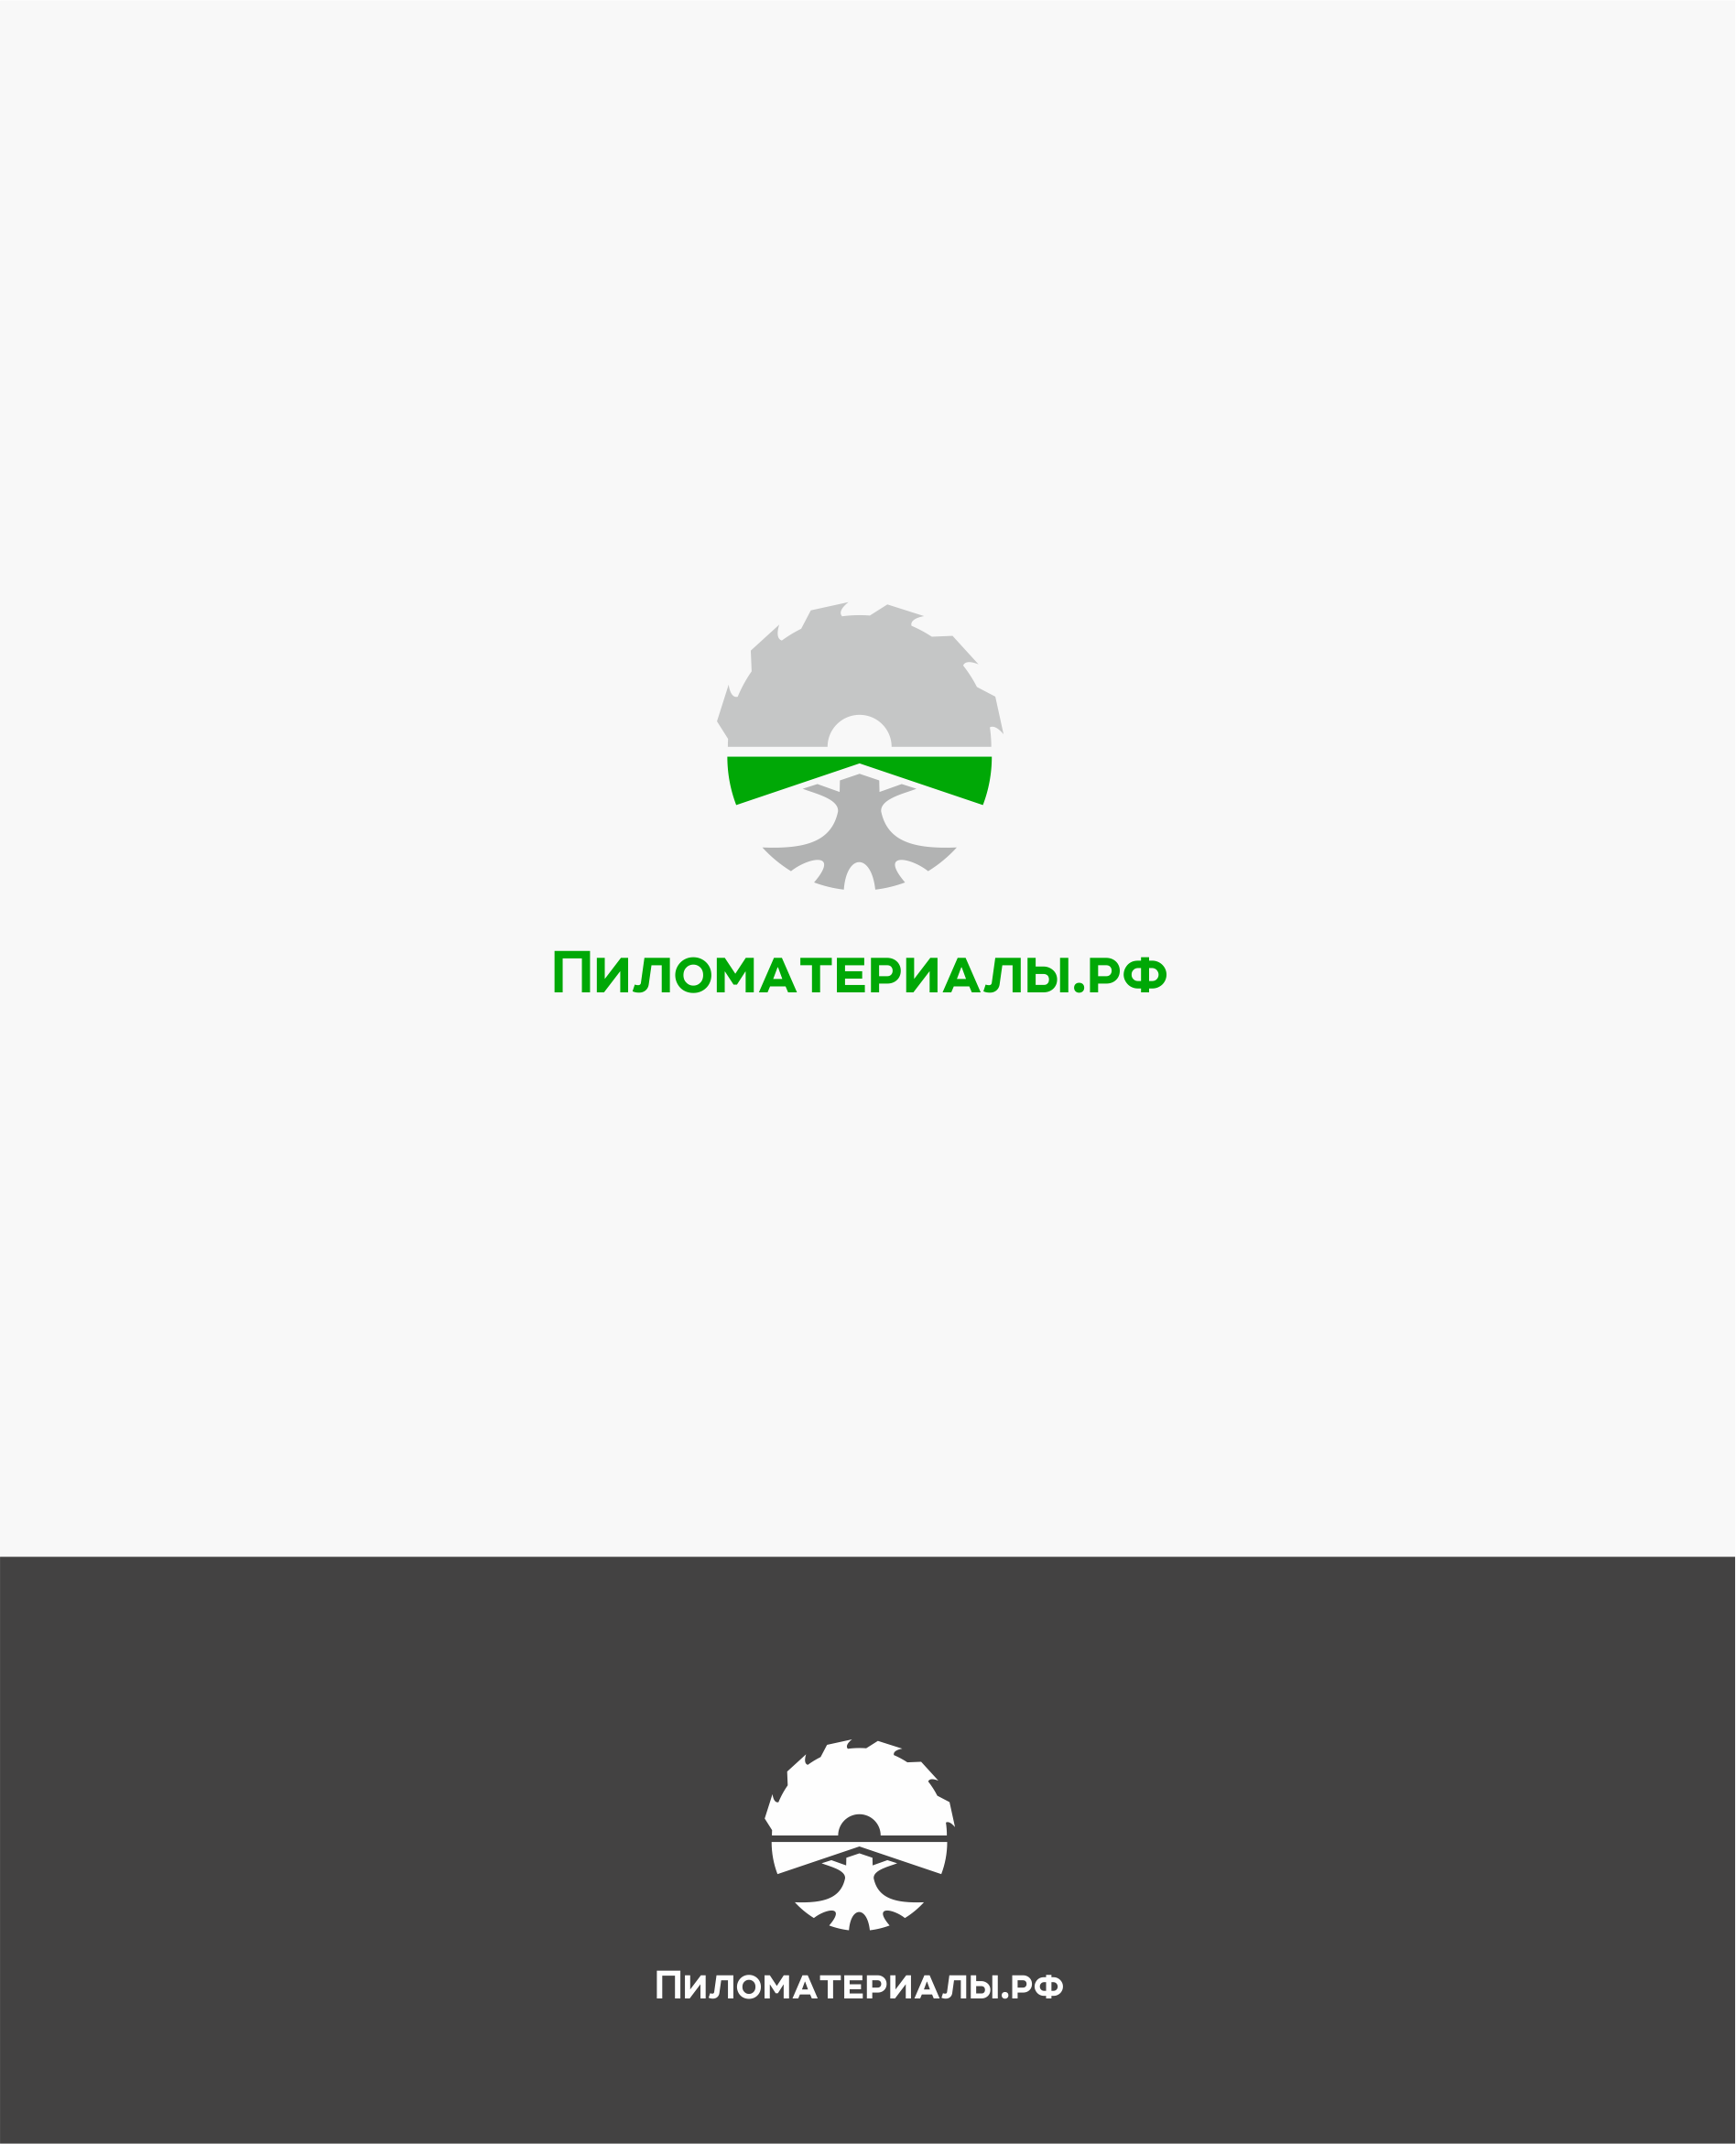 """Создание логотипа и фирменного стиля """"Пиломатериалы.РФ"""" фото f_372530a8abdb532f.png"""